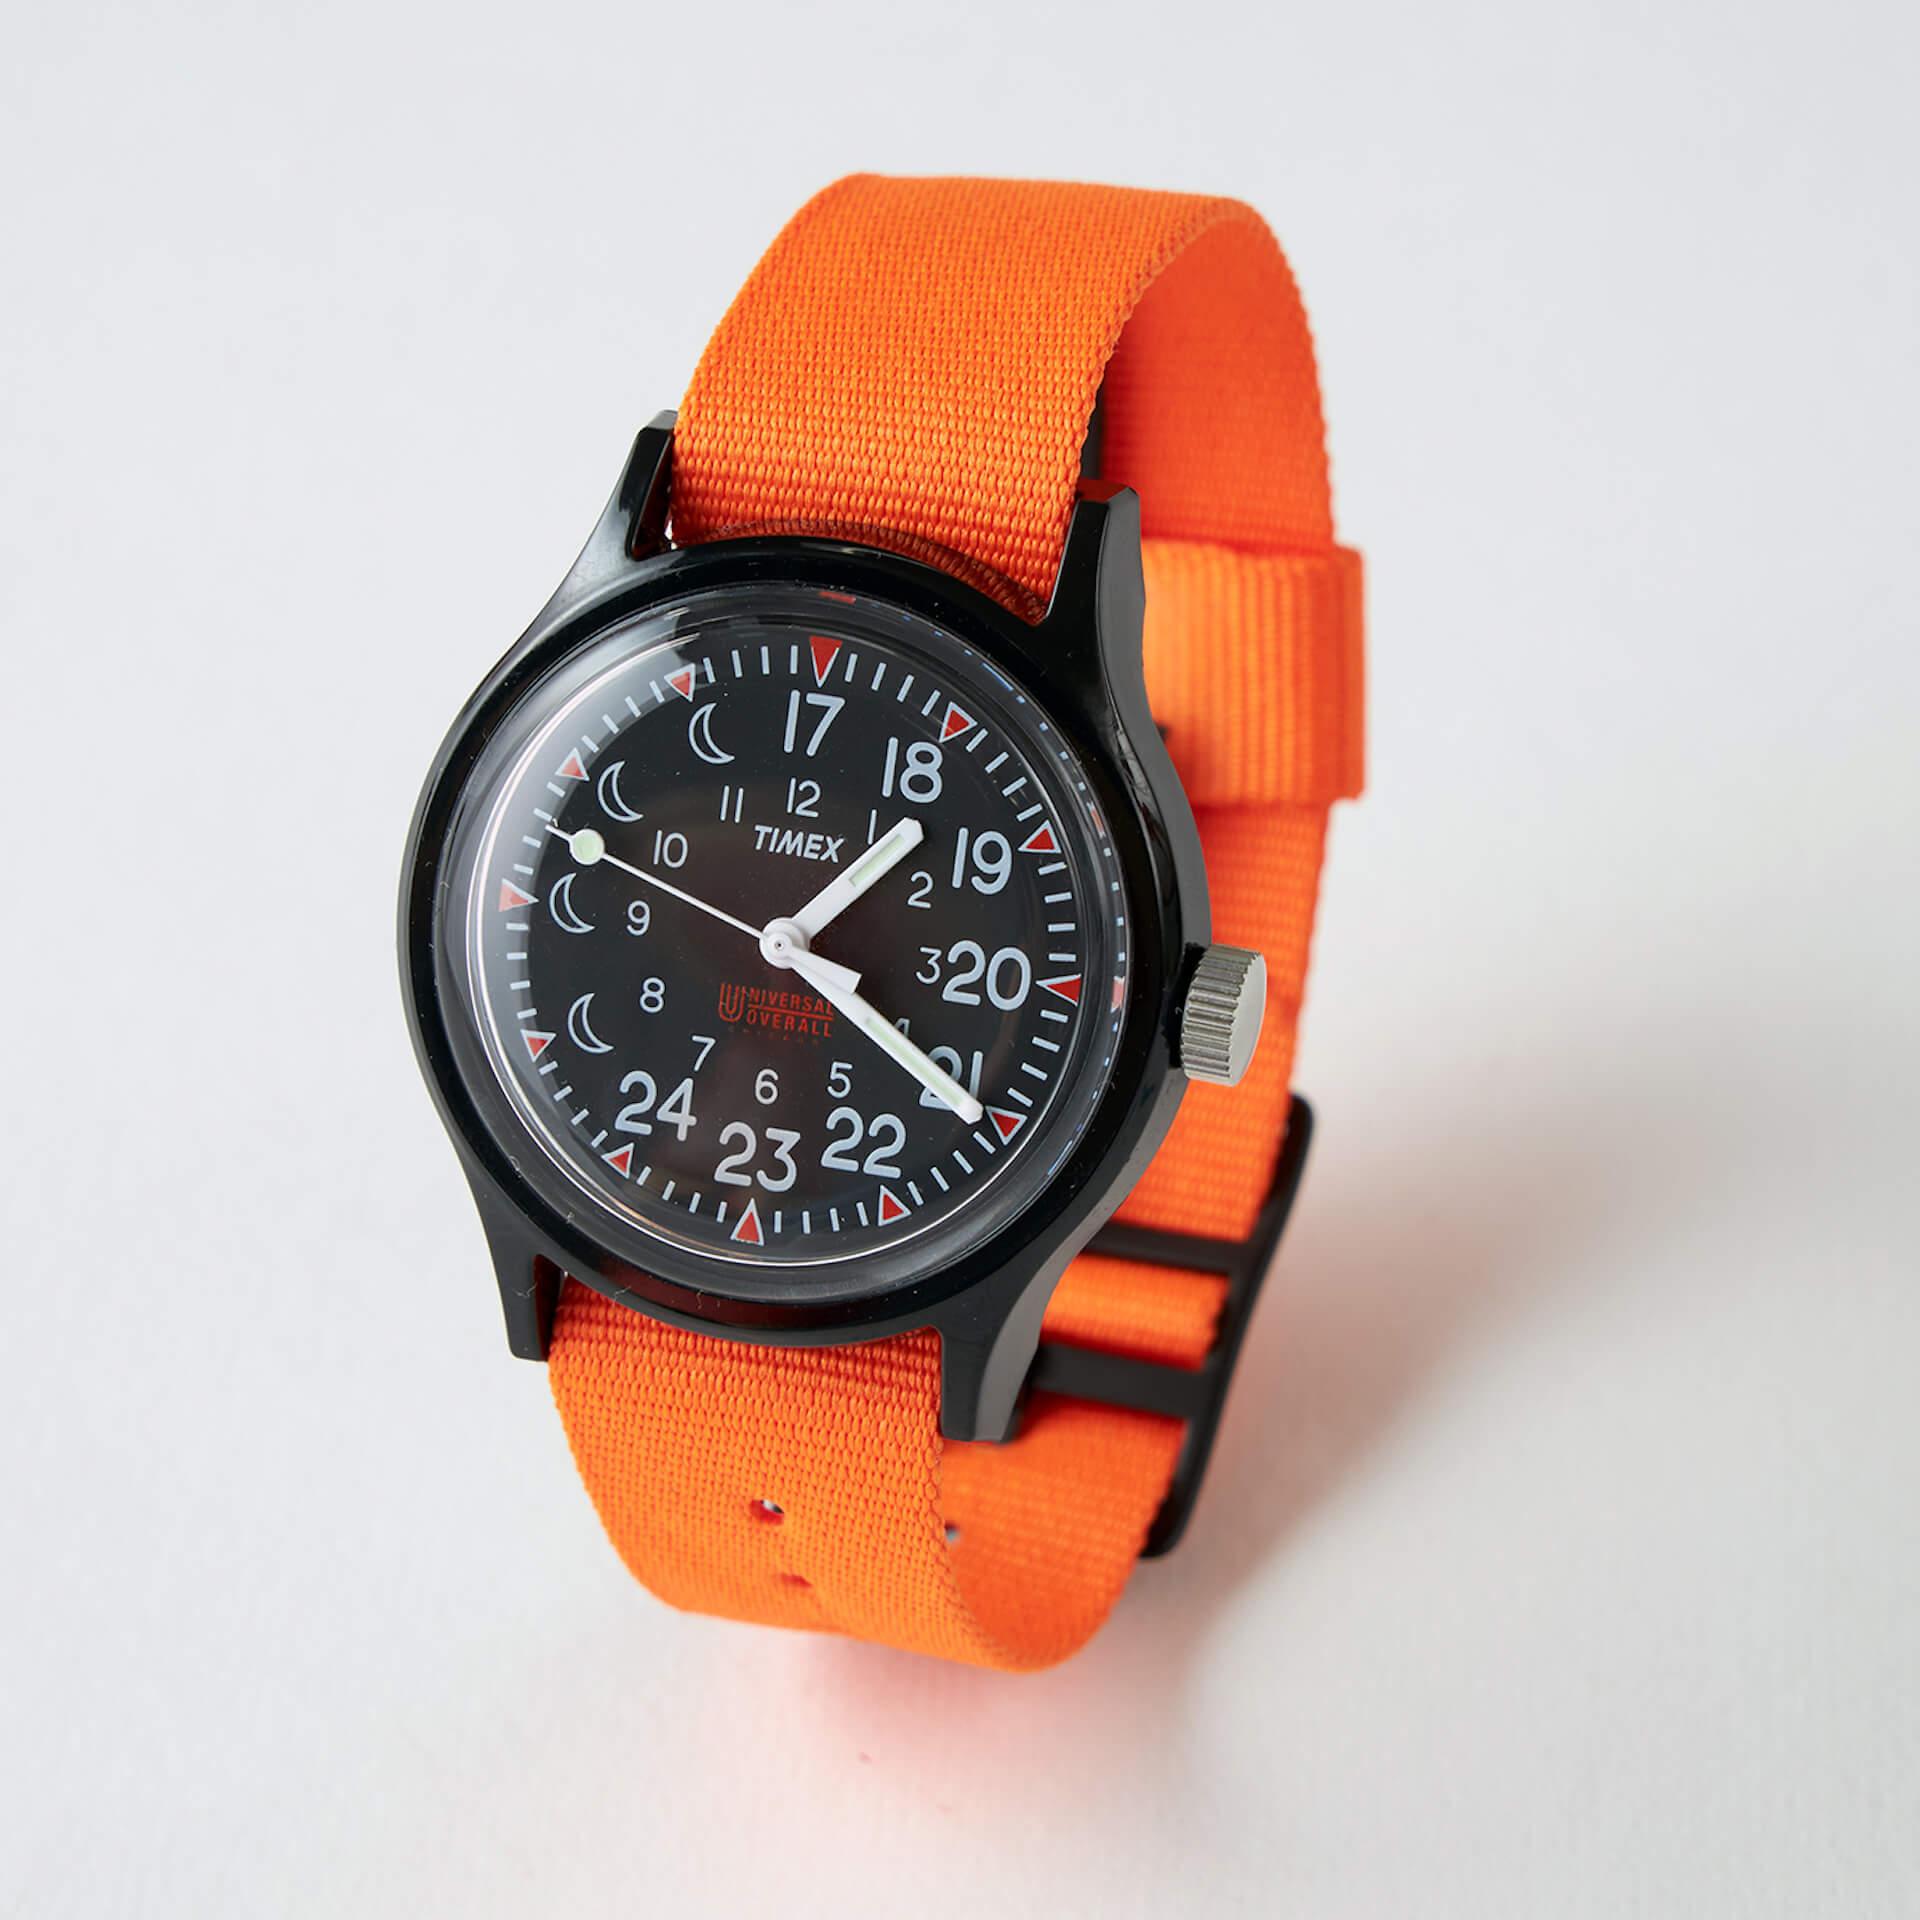 TIMEXとワークウェアブランドUNIVERSAL OVERALLがコラボ!17時が真上に配置された別注のリミテッドモデルが3月発売決定 life210212_timex_uo_2